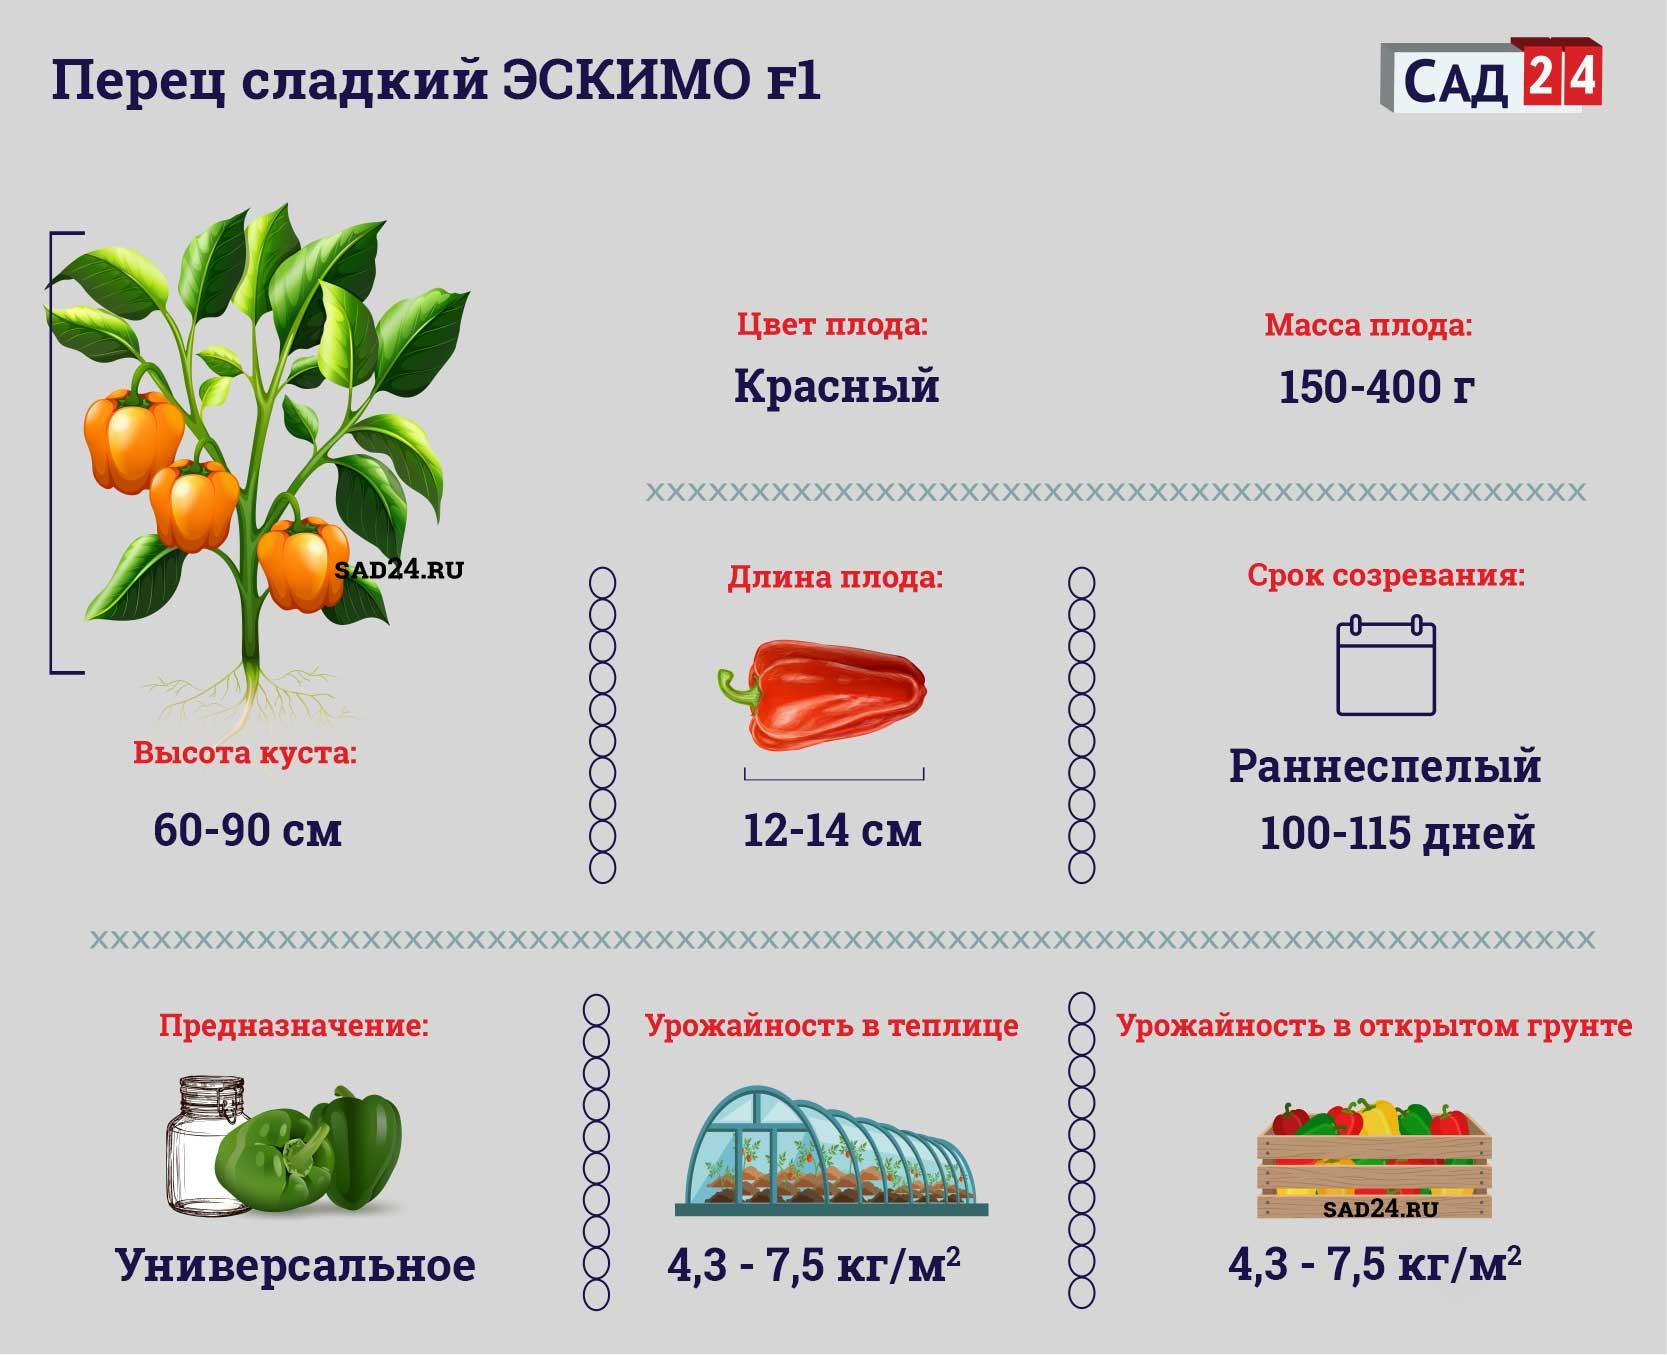 Эскимо F1 https://sad24.ru